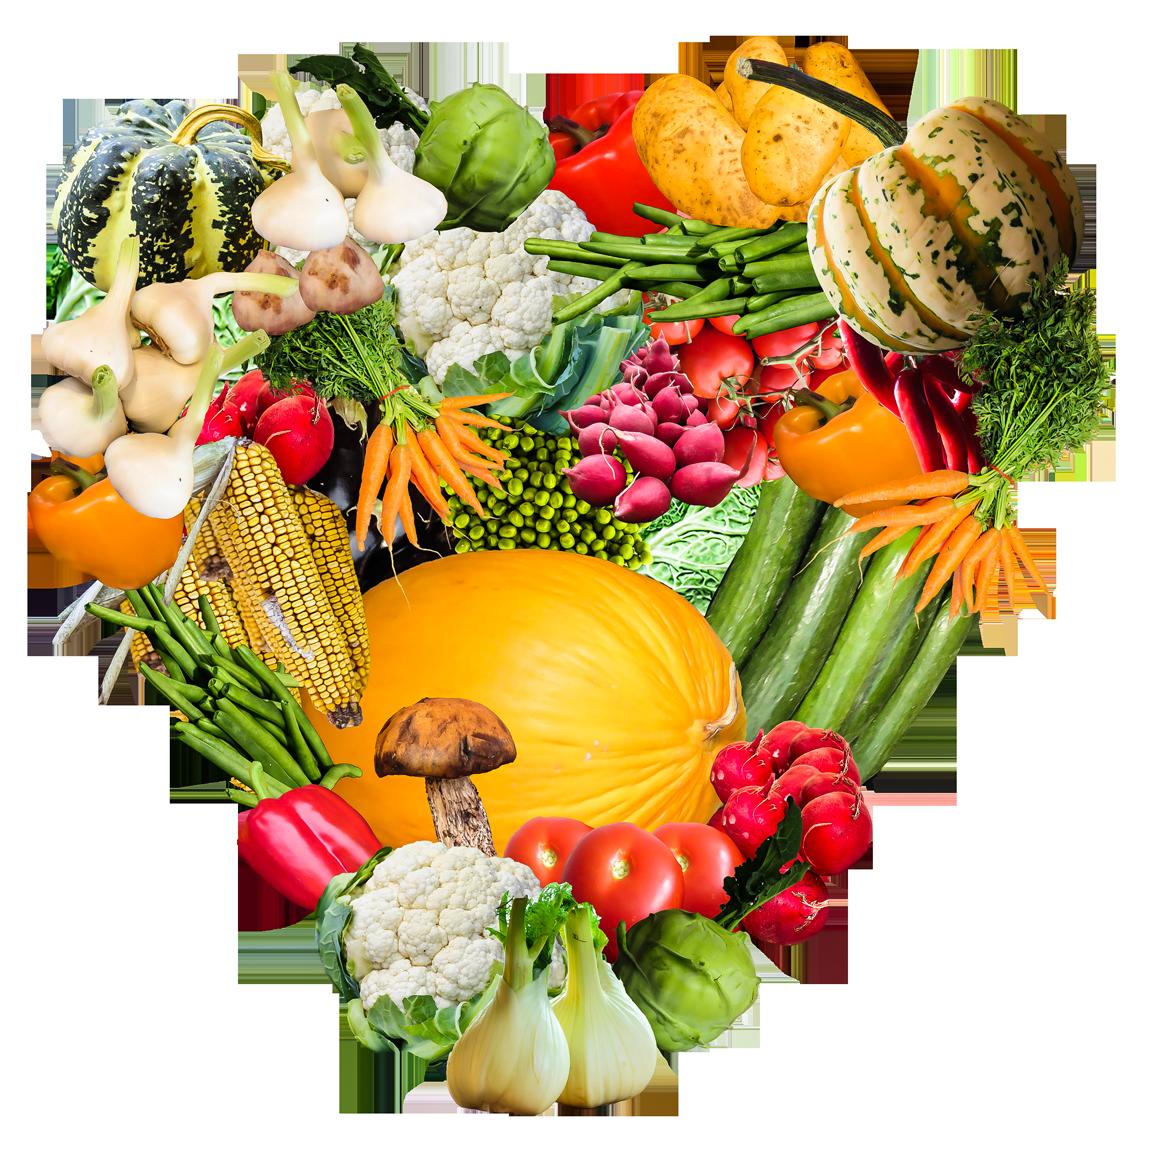 Heart Vegetables PNG Image